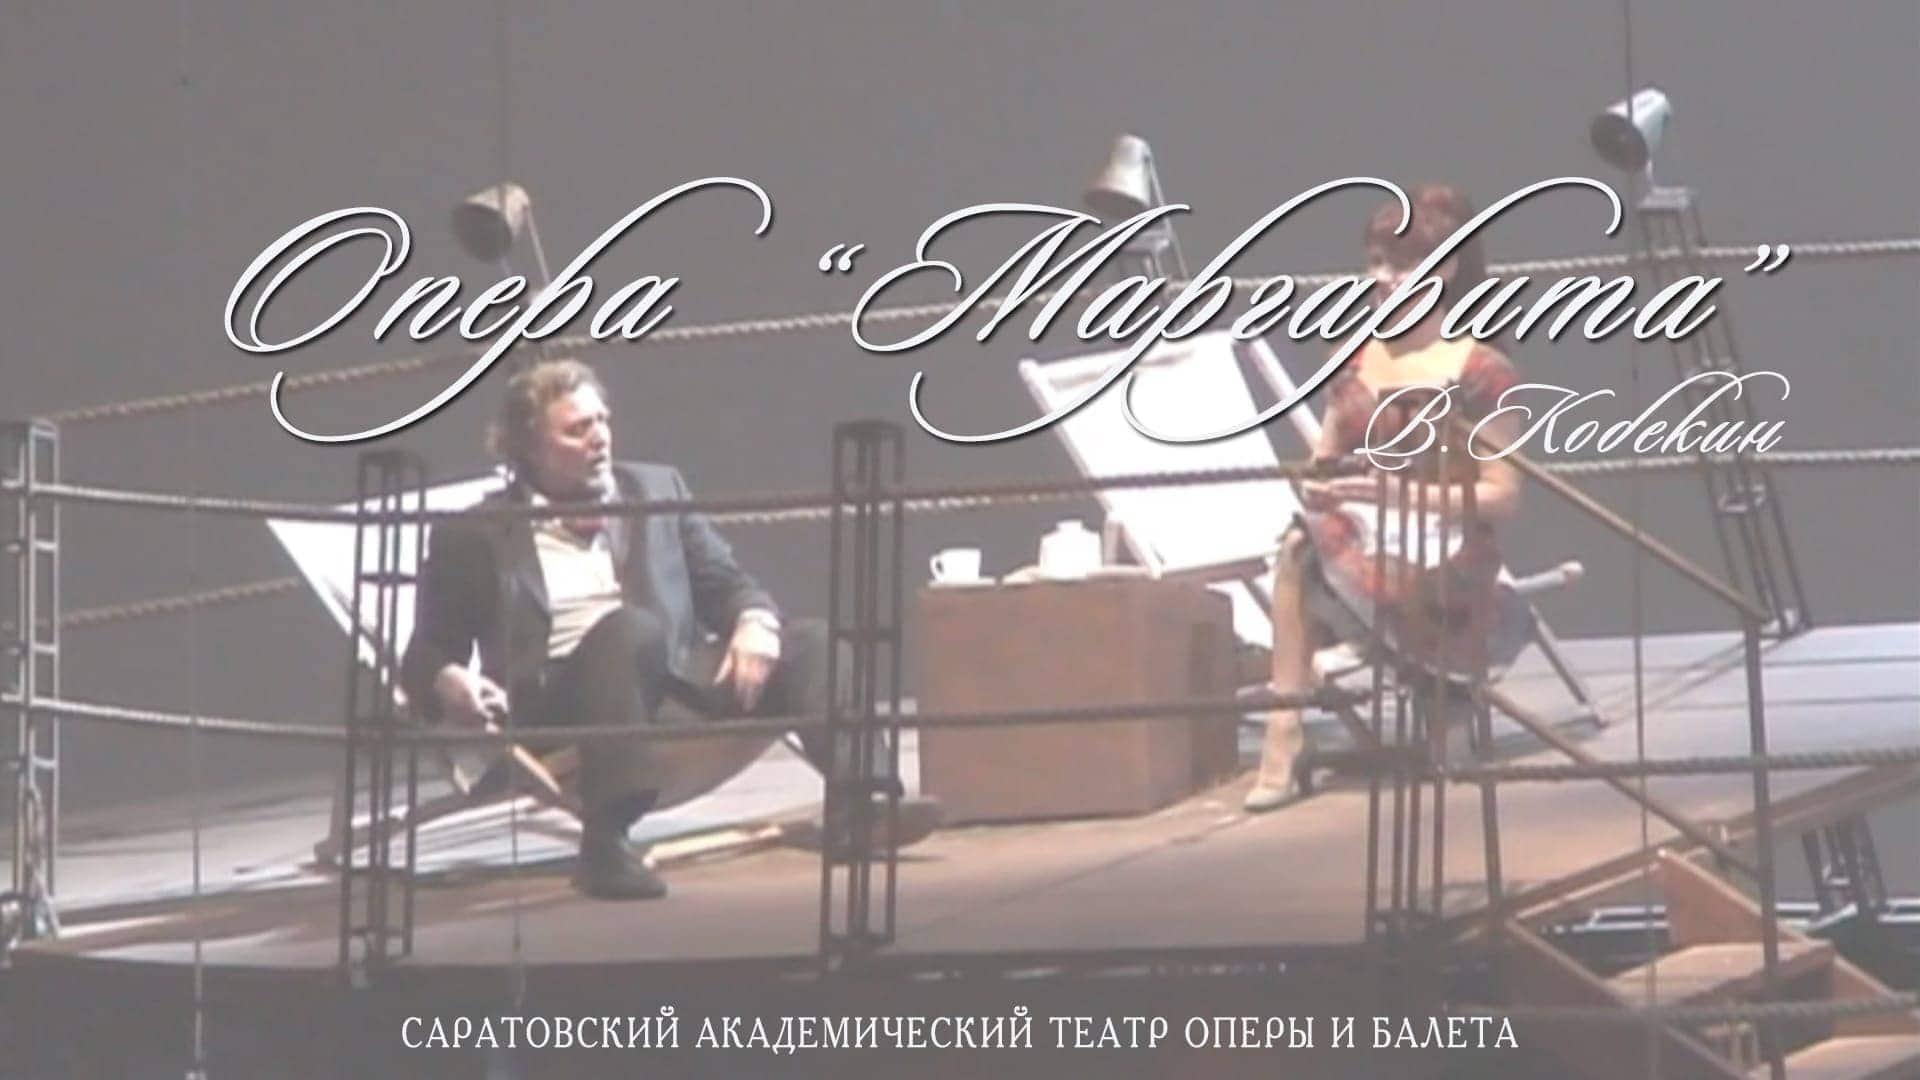 Открыт доступ к видеогалерее Саратовского театра оперы и балета